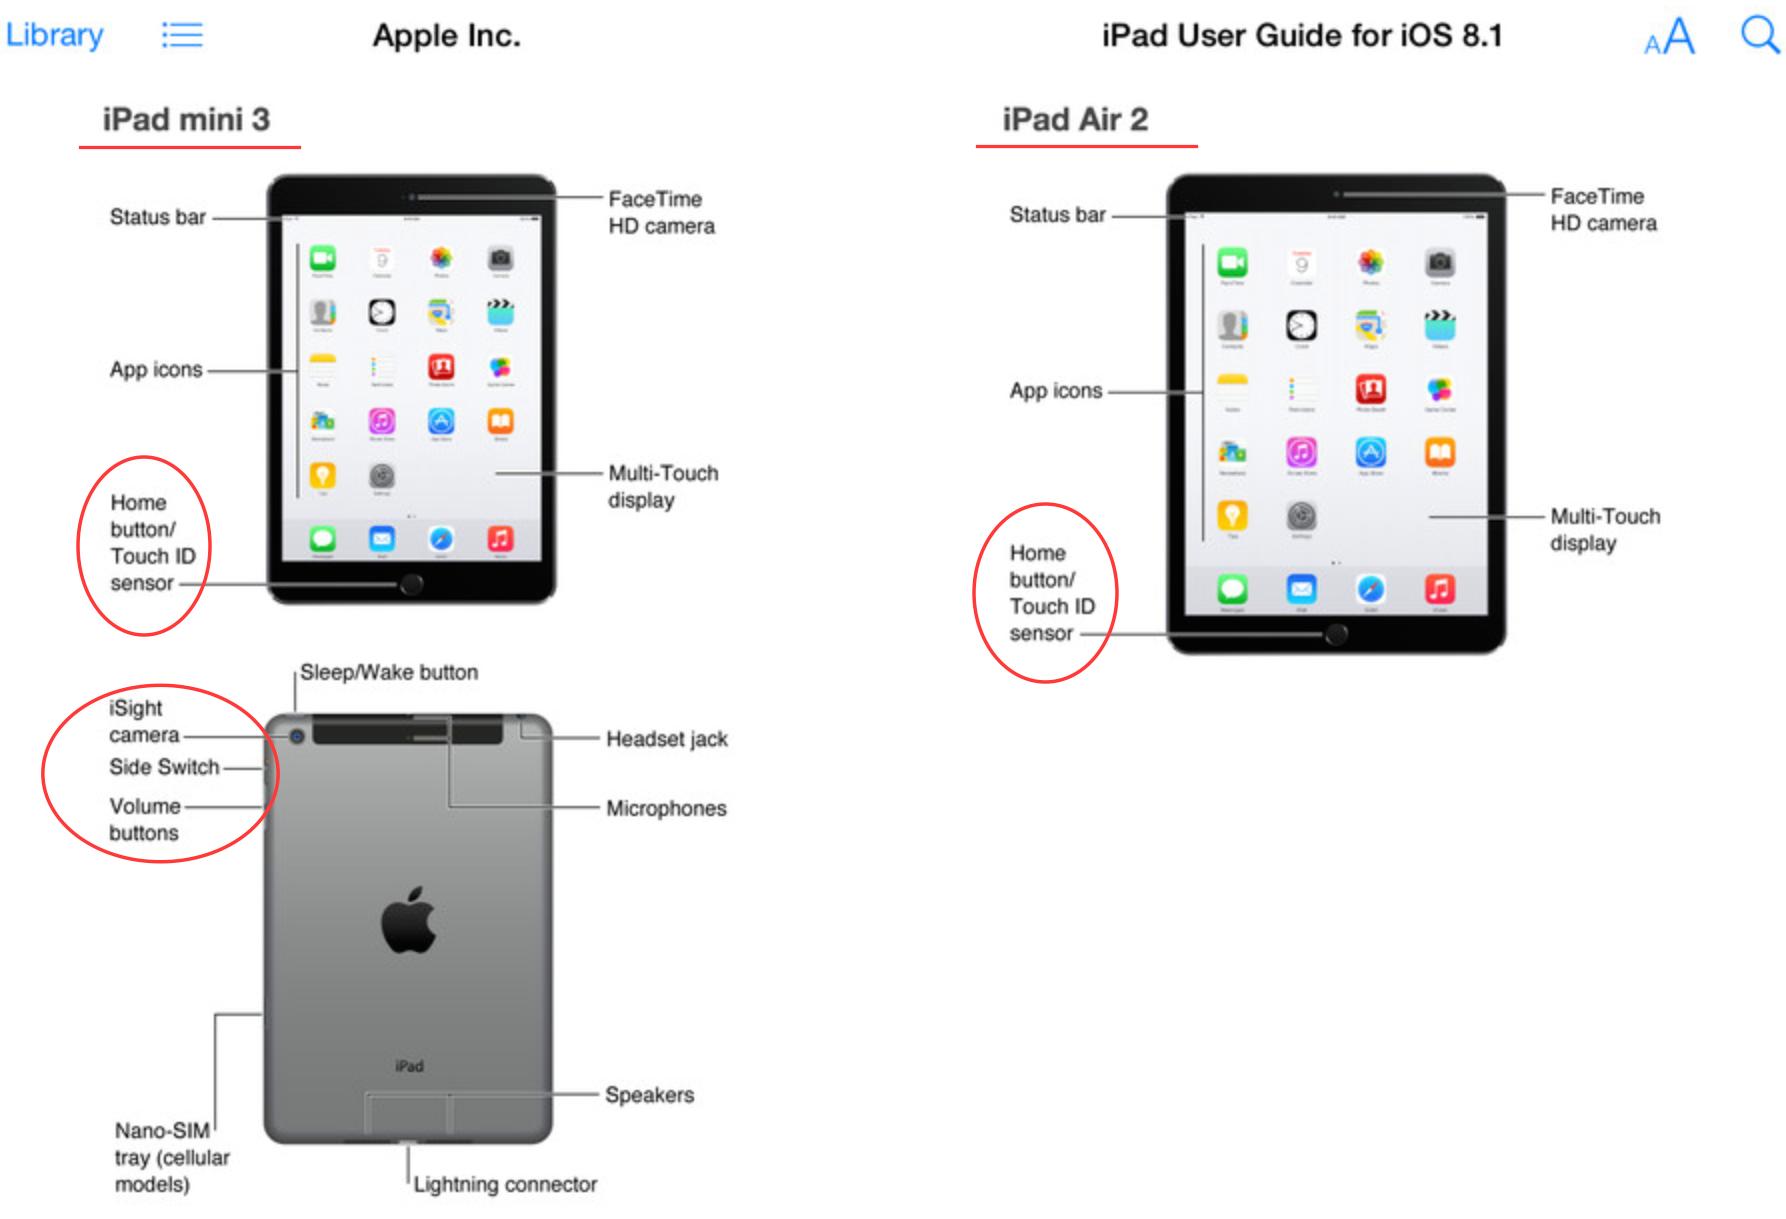 Apple LEAK: iPad Air 2 amp; iPad mini 3 mit iOS 8.1